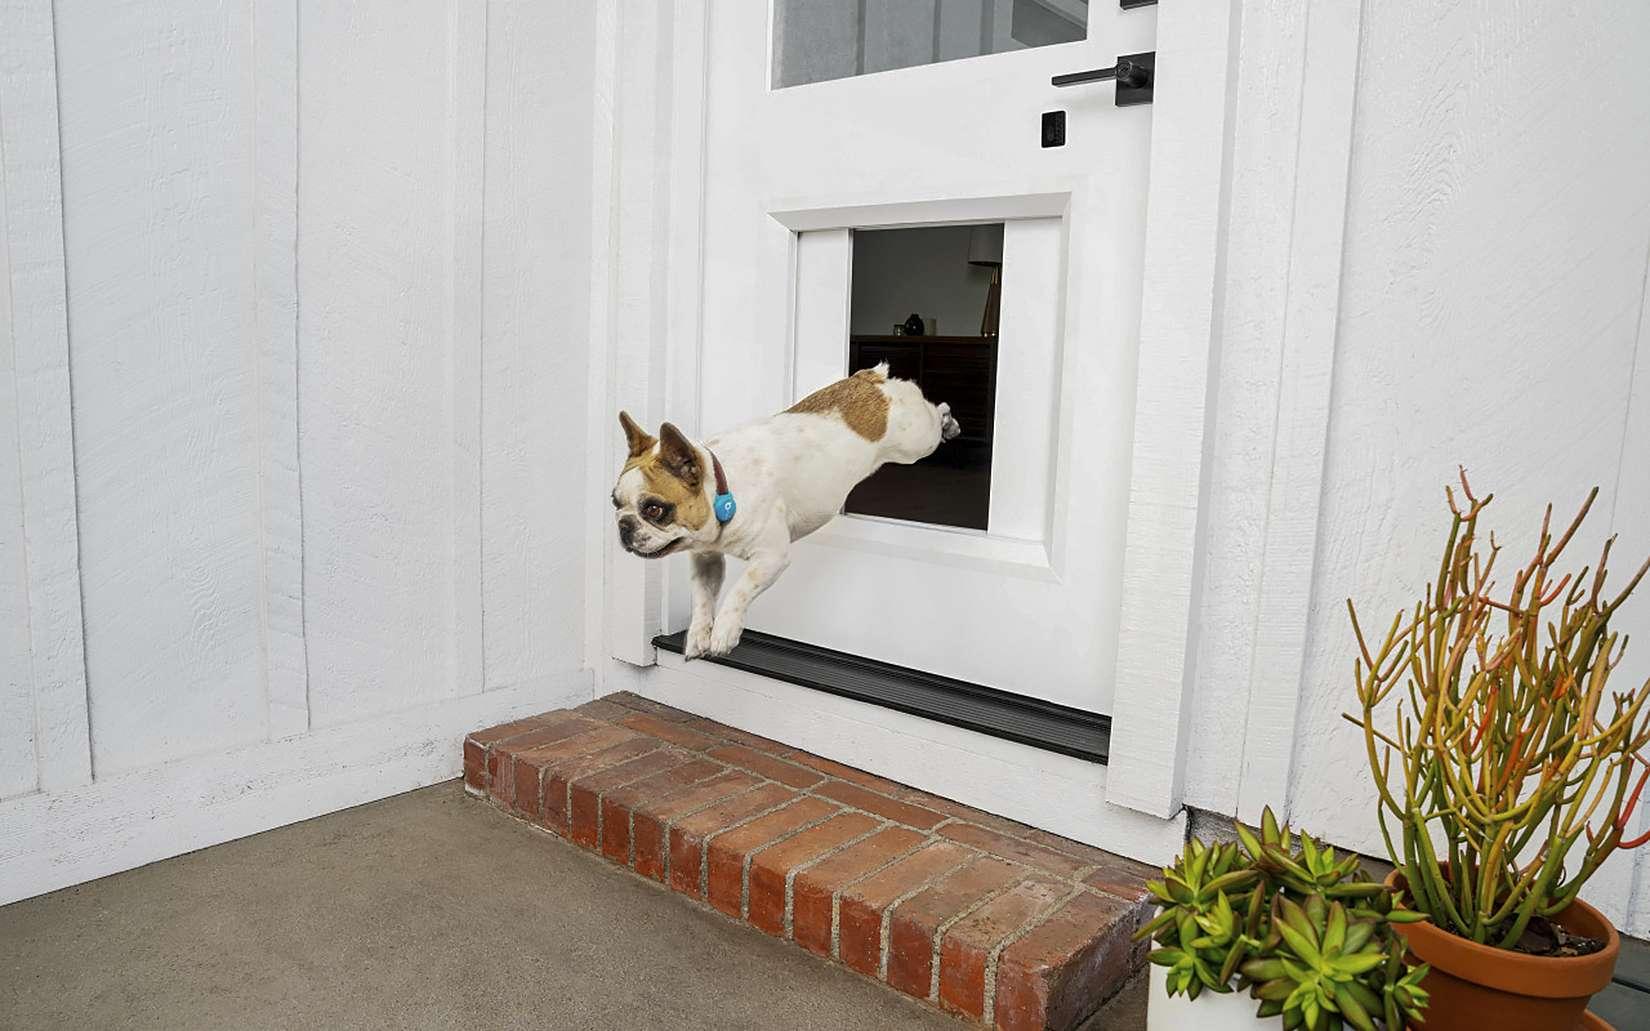 Le myQ Pet Portal permet à un chien de sortir dès qu'il en éprouve le besoin, où que soit son maître. © Courtesy of The Chamberlain Group, myQ Pet Portal